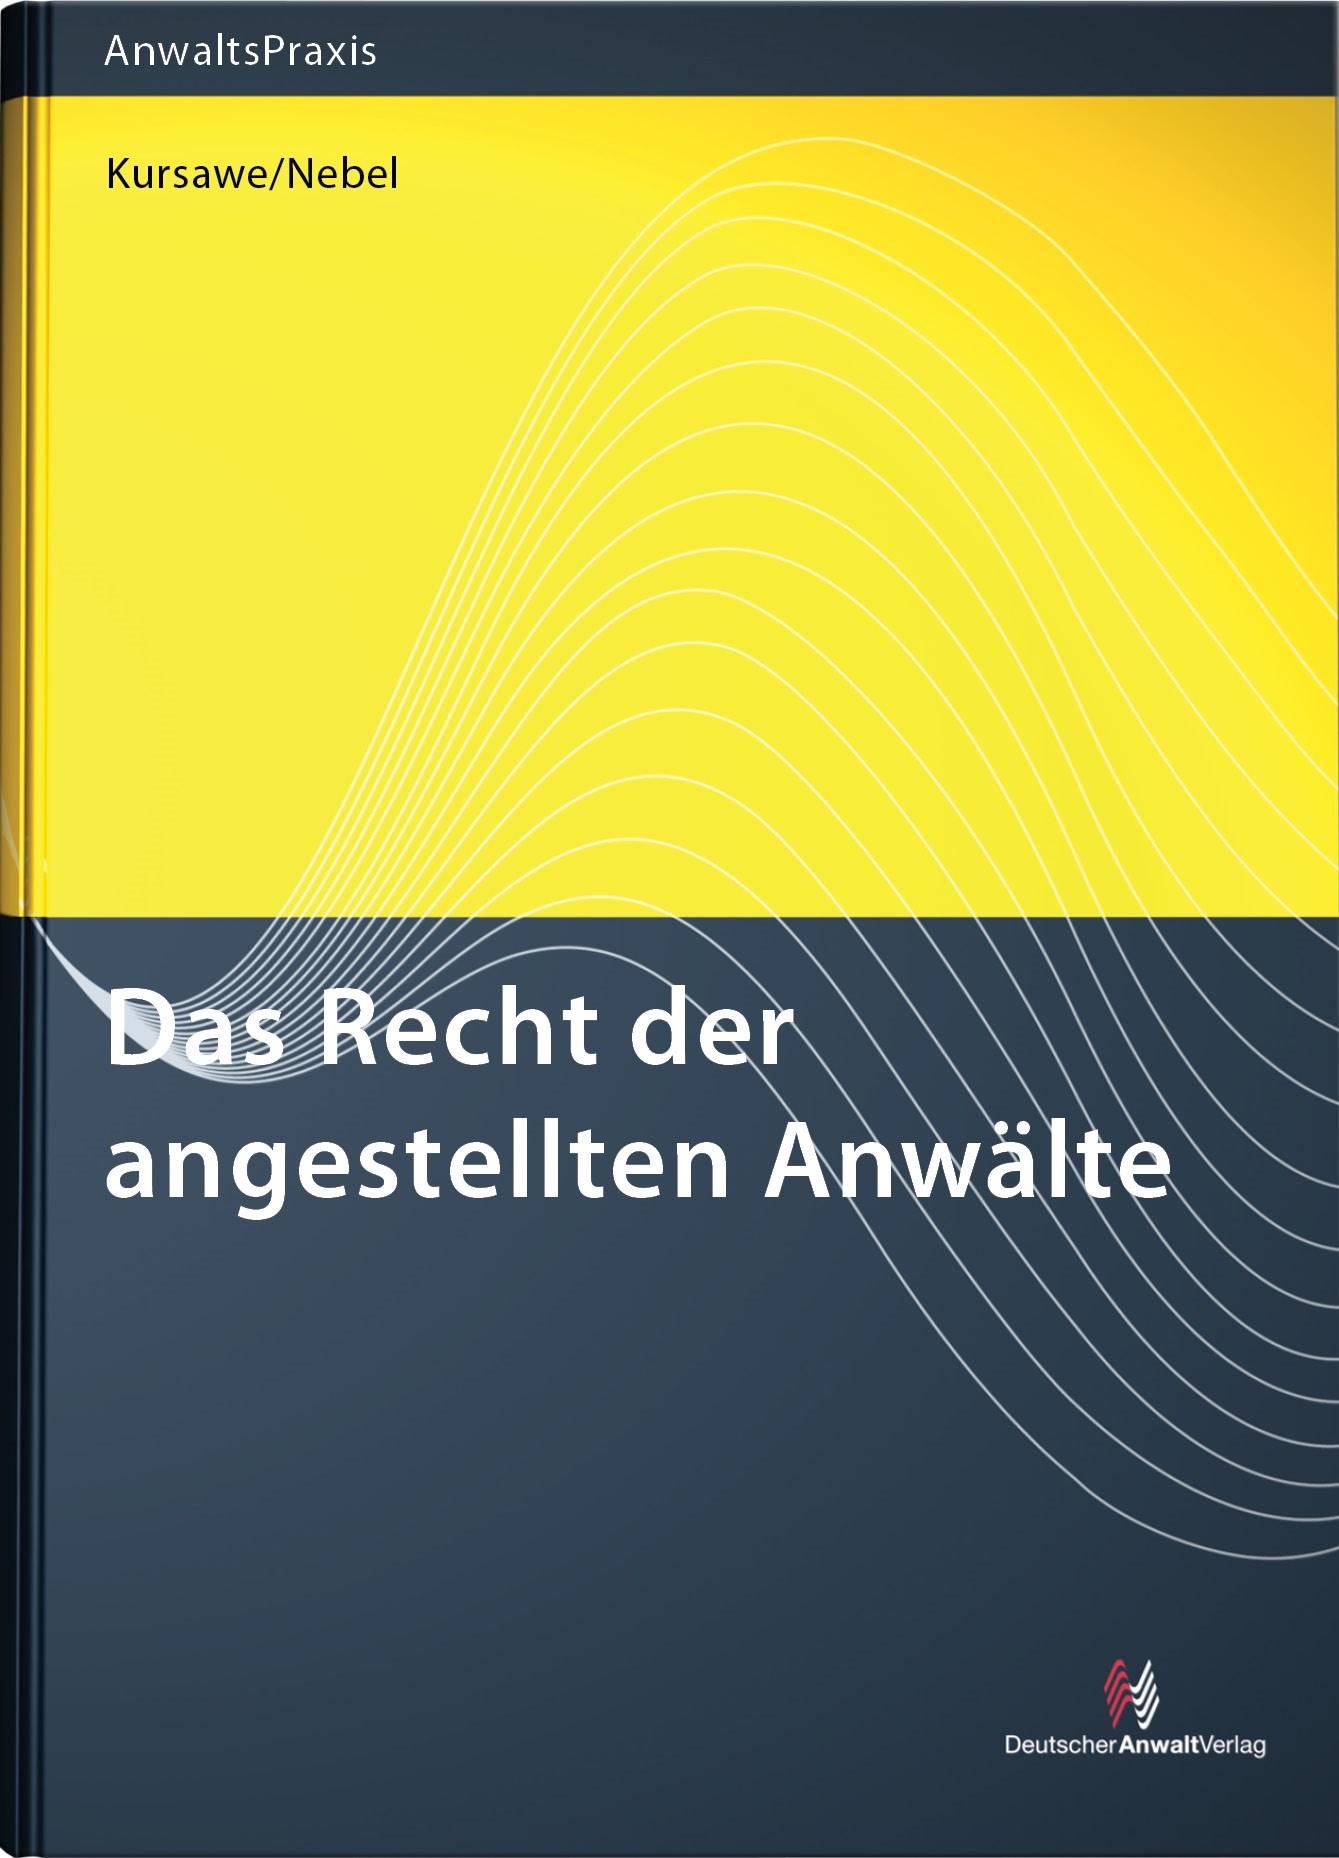 Das Recht der angestellten Rechtsanwälte   Kursawe / Nebel, 2018   Buch (Cover)